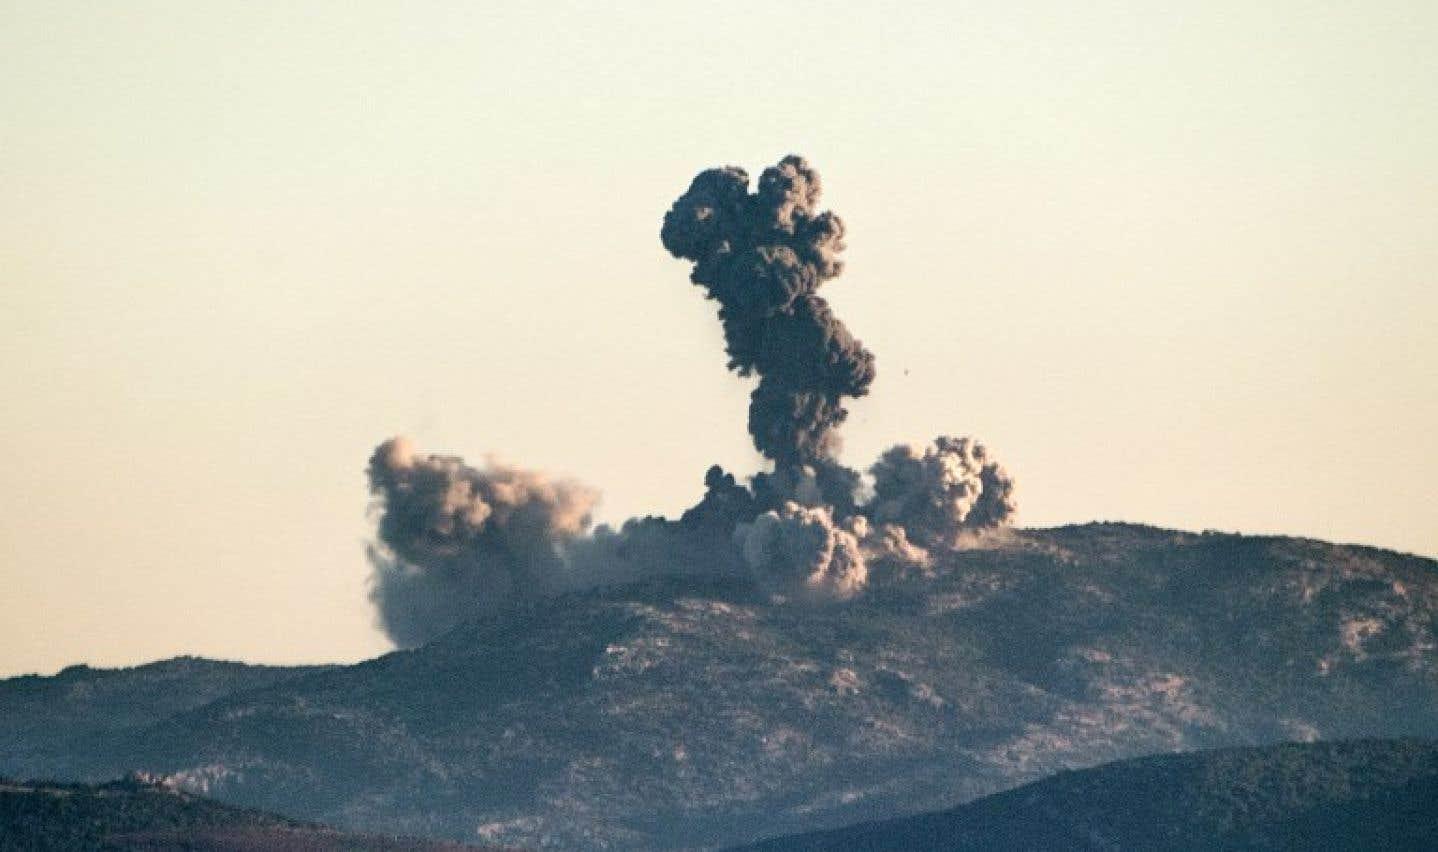 Un correspondant de l'AFP a vu deux avions de combat procéder samedi à des frappes côté syrien, provoquant d'énormes panaches de fumée dans le ciel.